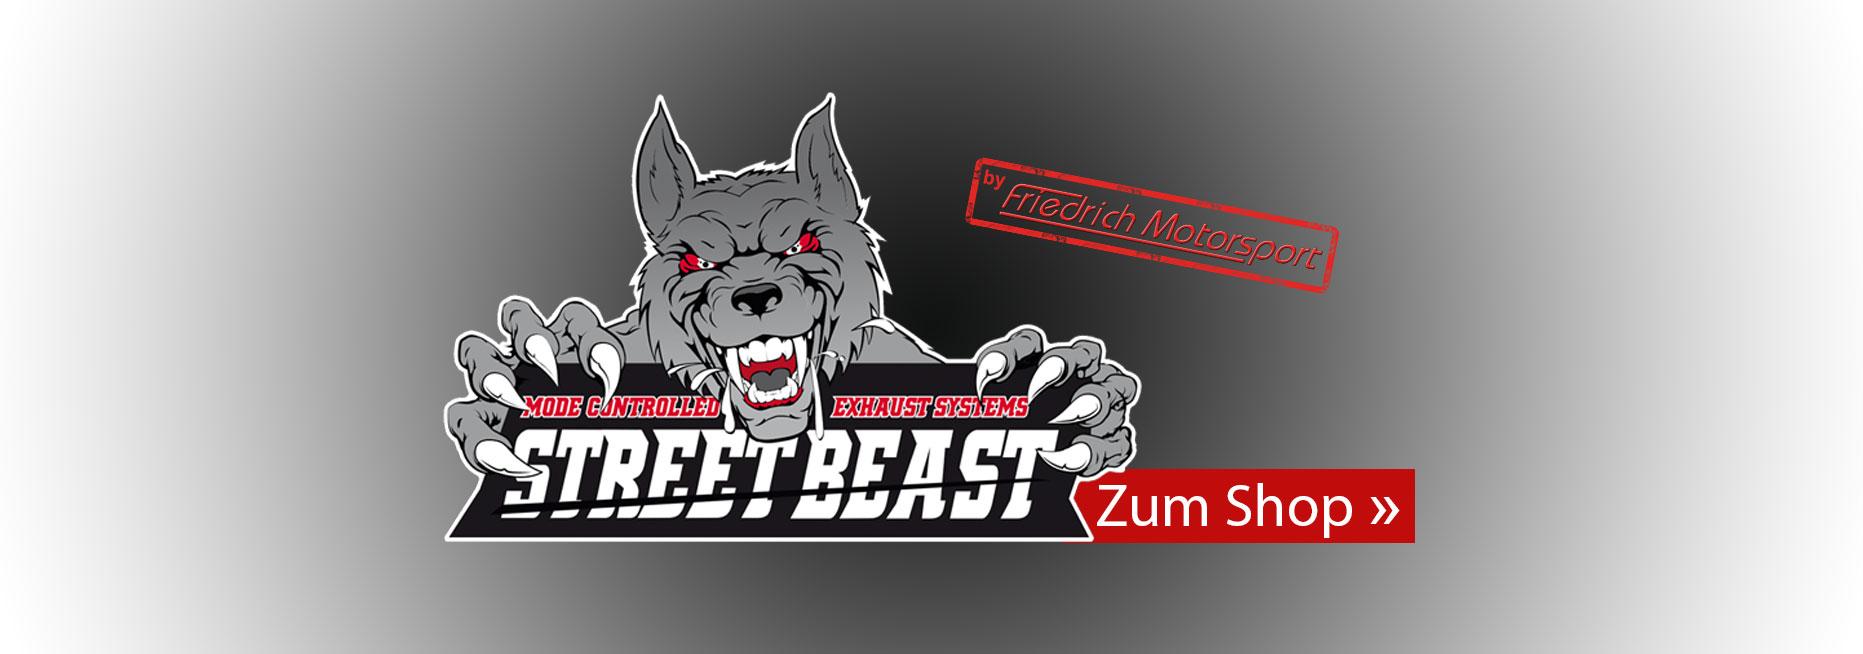 streetbeast_neu